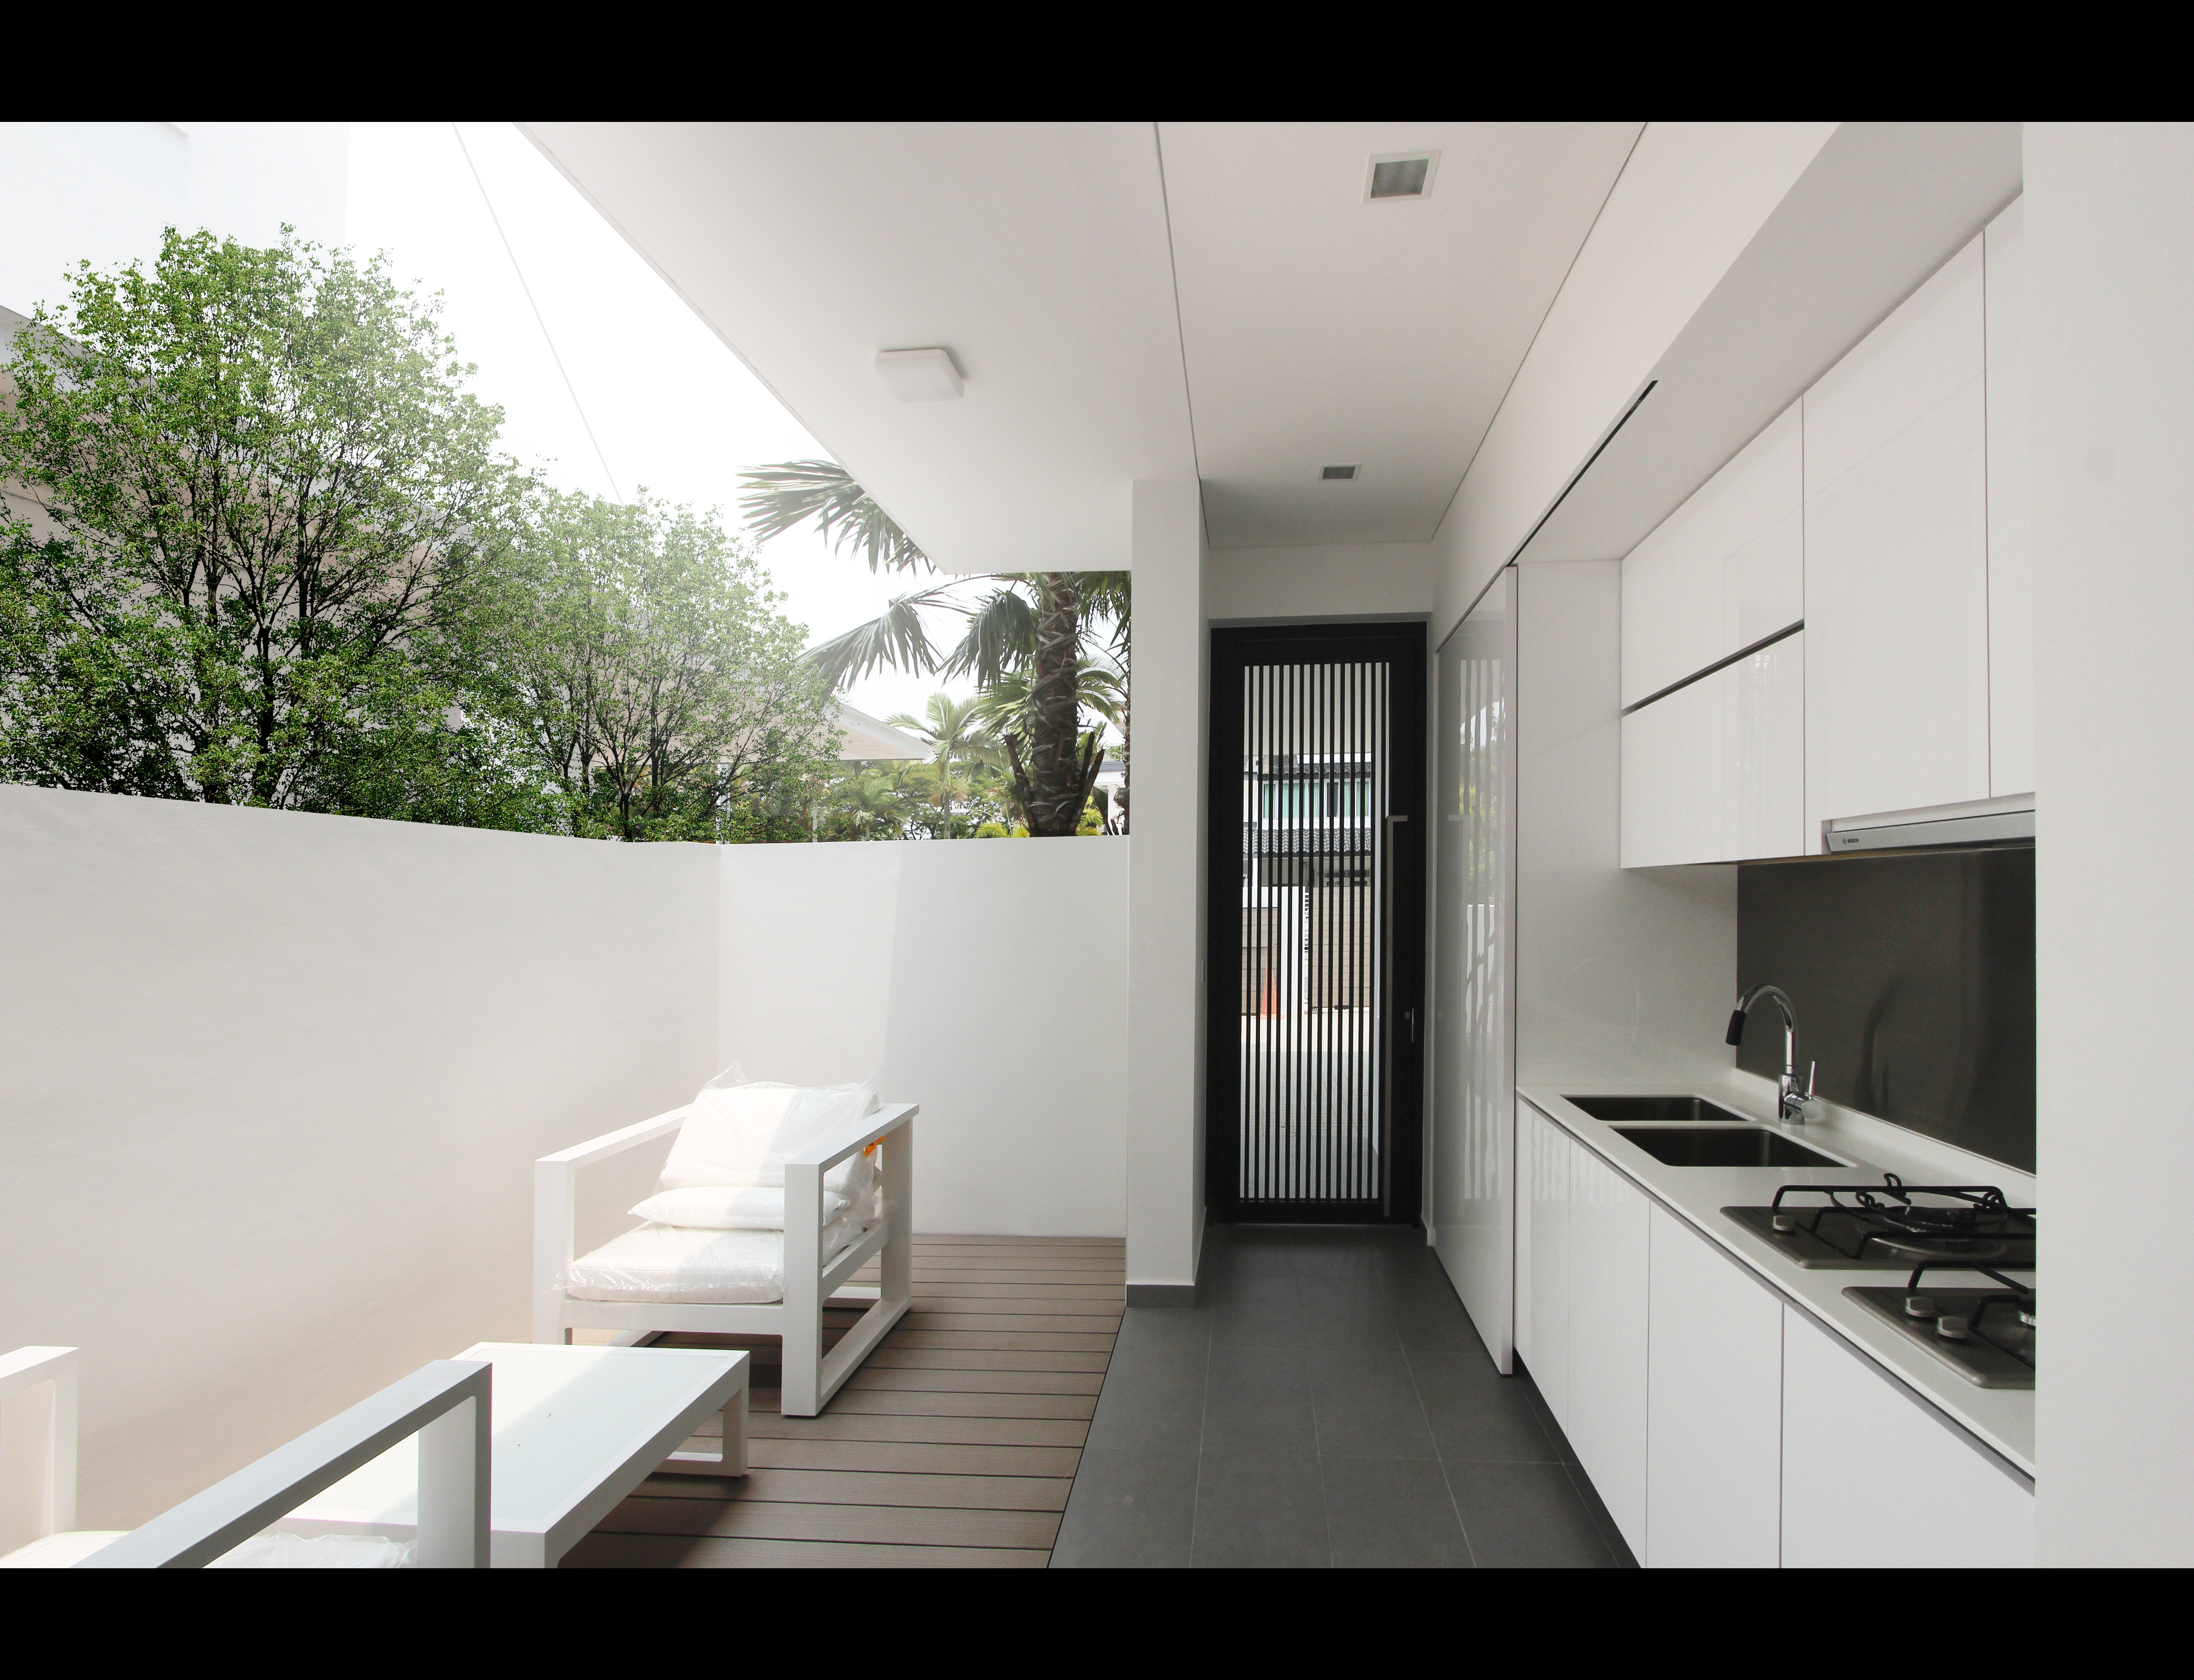 Plot 1 - Wet Kitchen Area